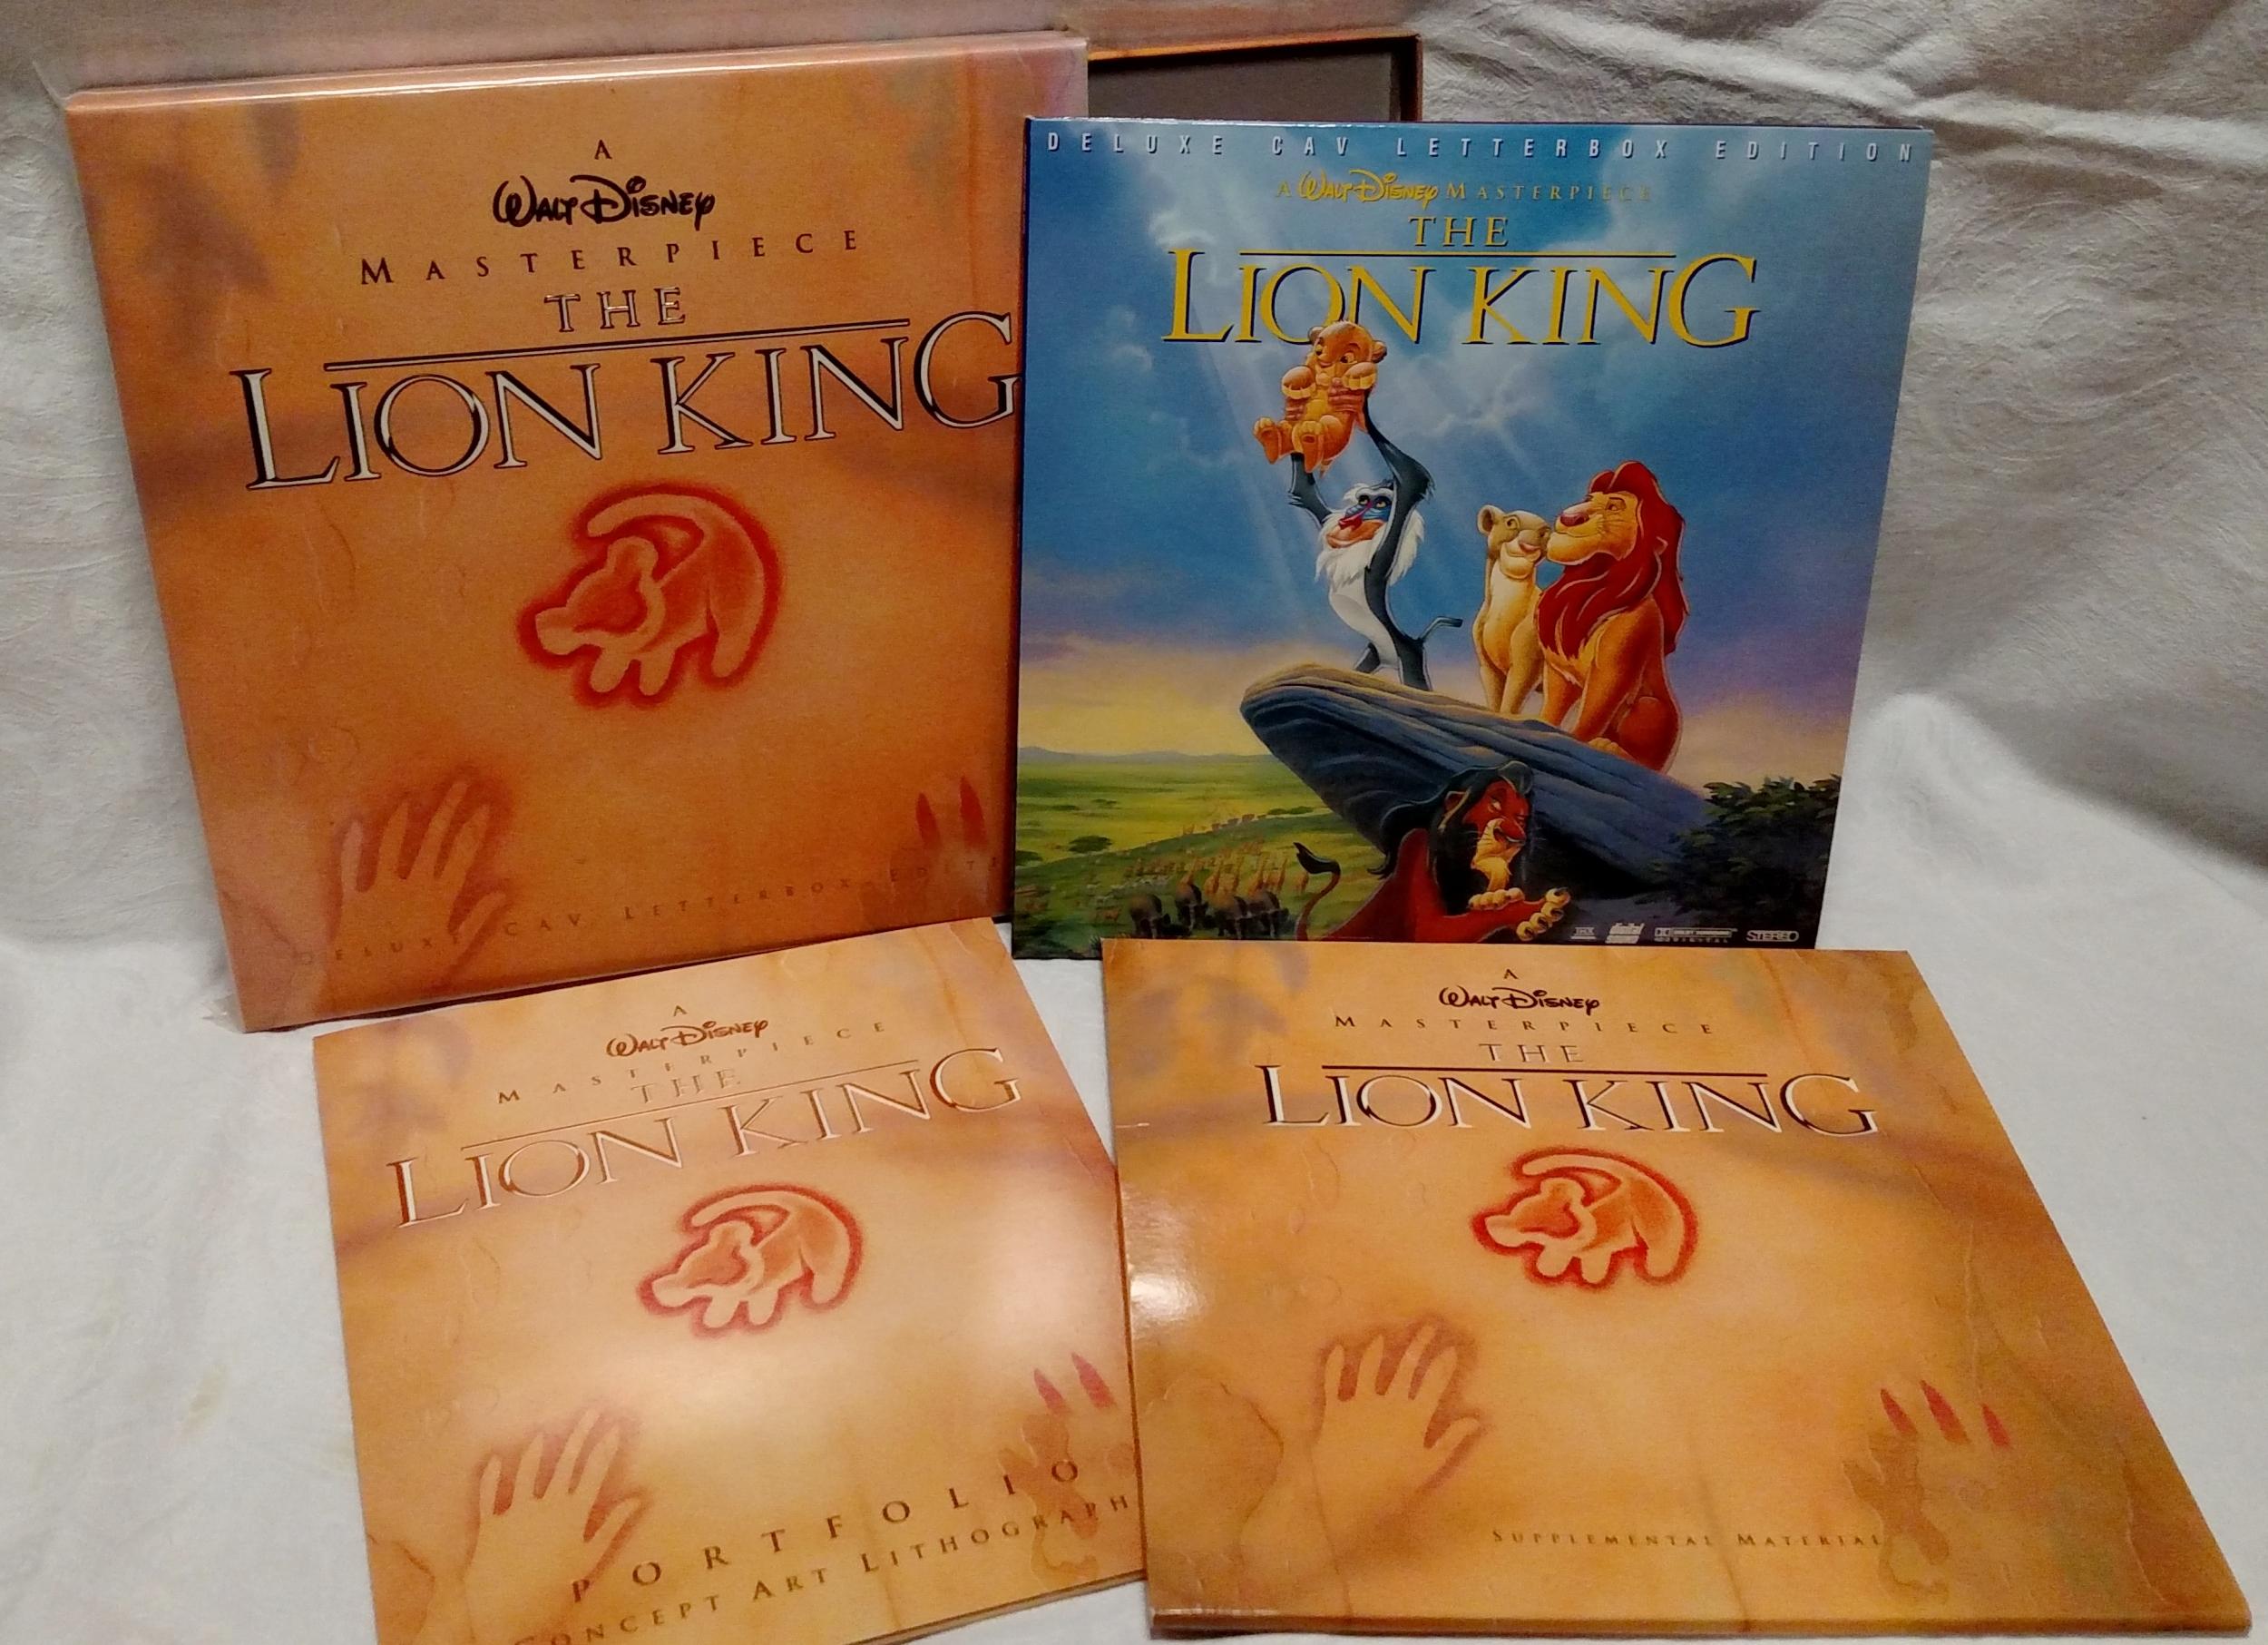 The Lion King Laserdisc - Box Contents